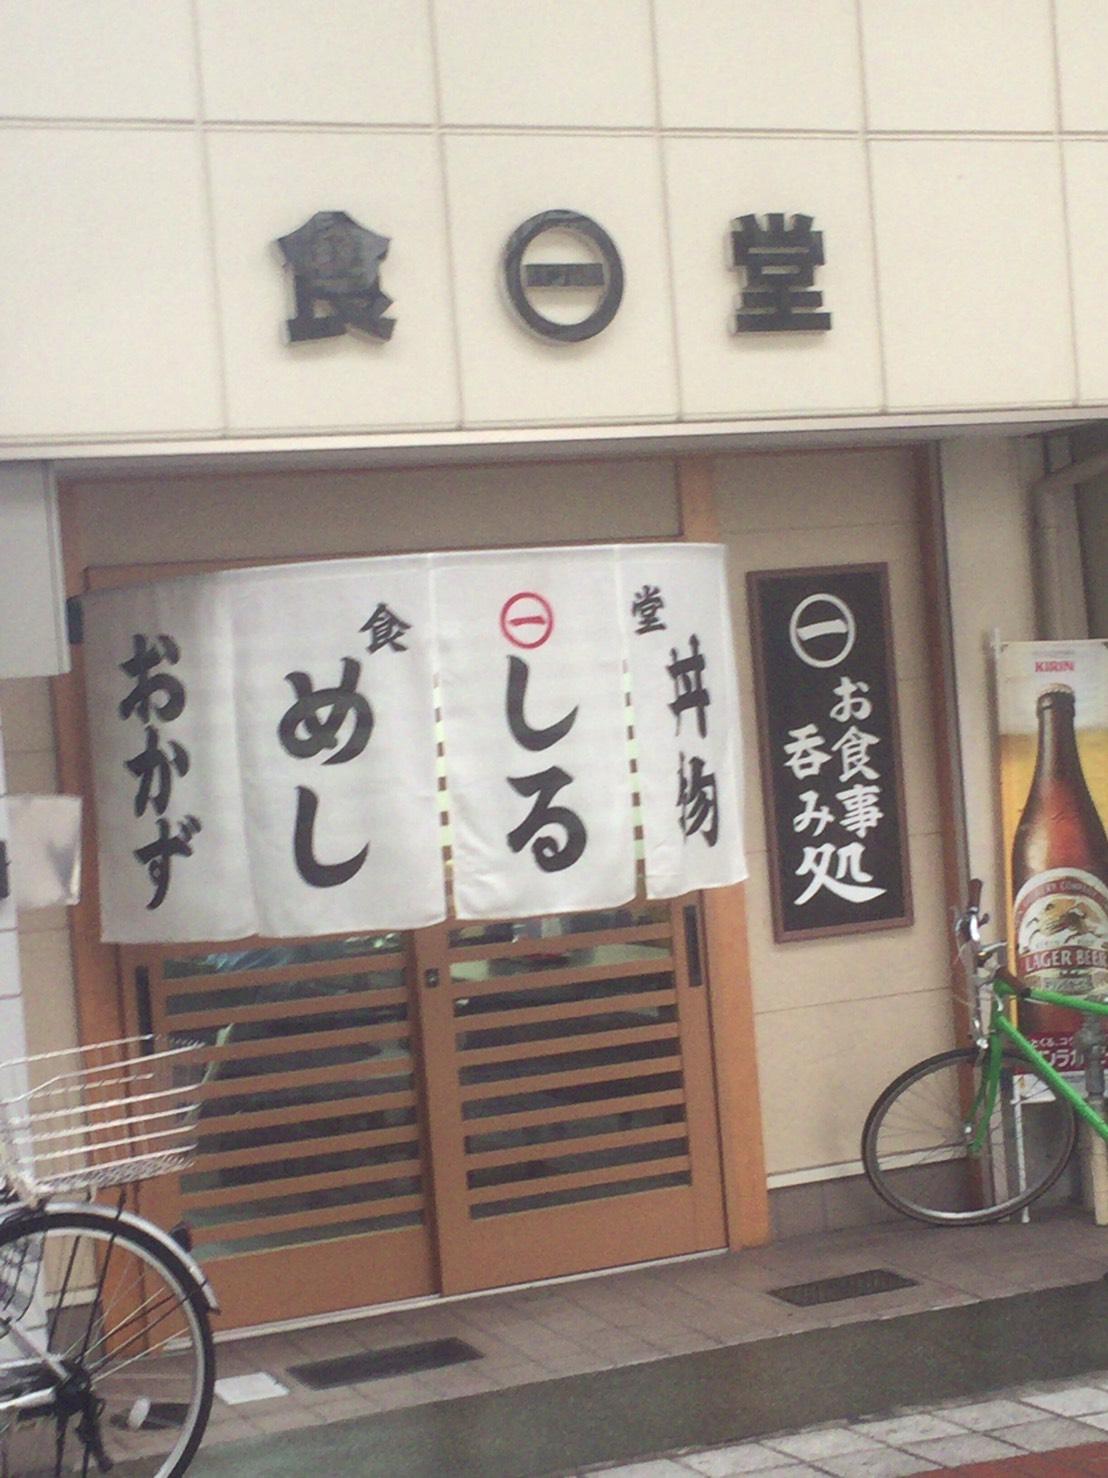 昭和と平成のコラボレーション  兵庫区新開地「丸一食堂」